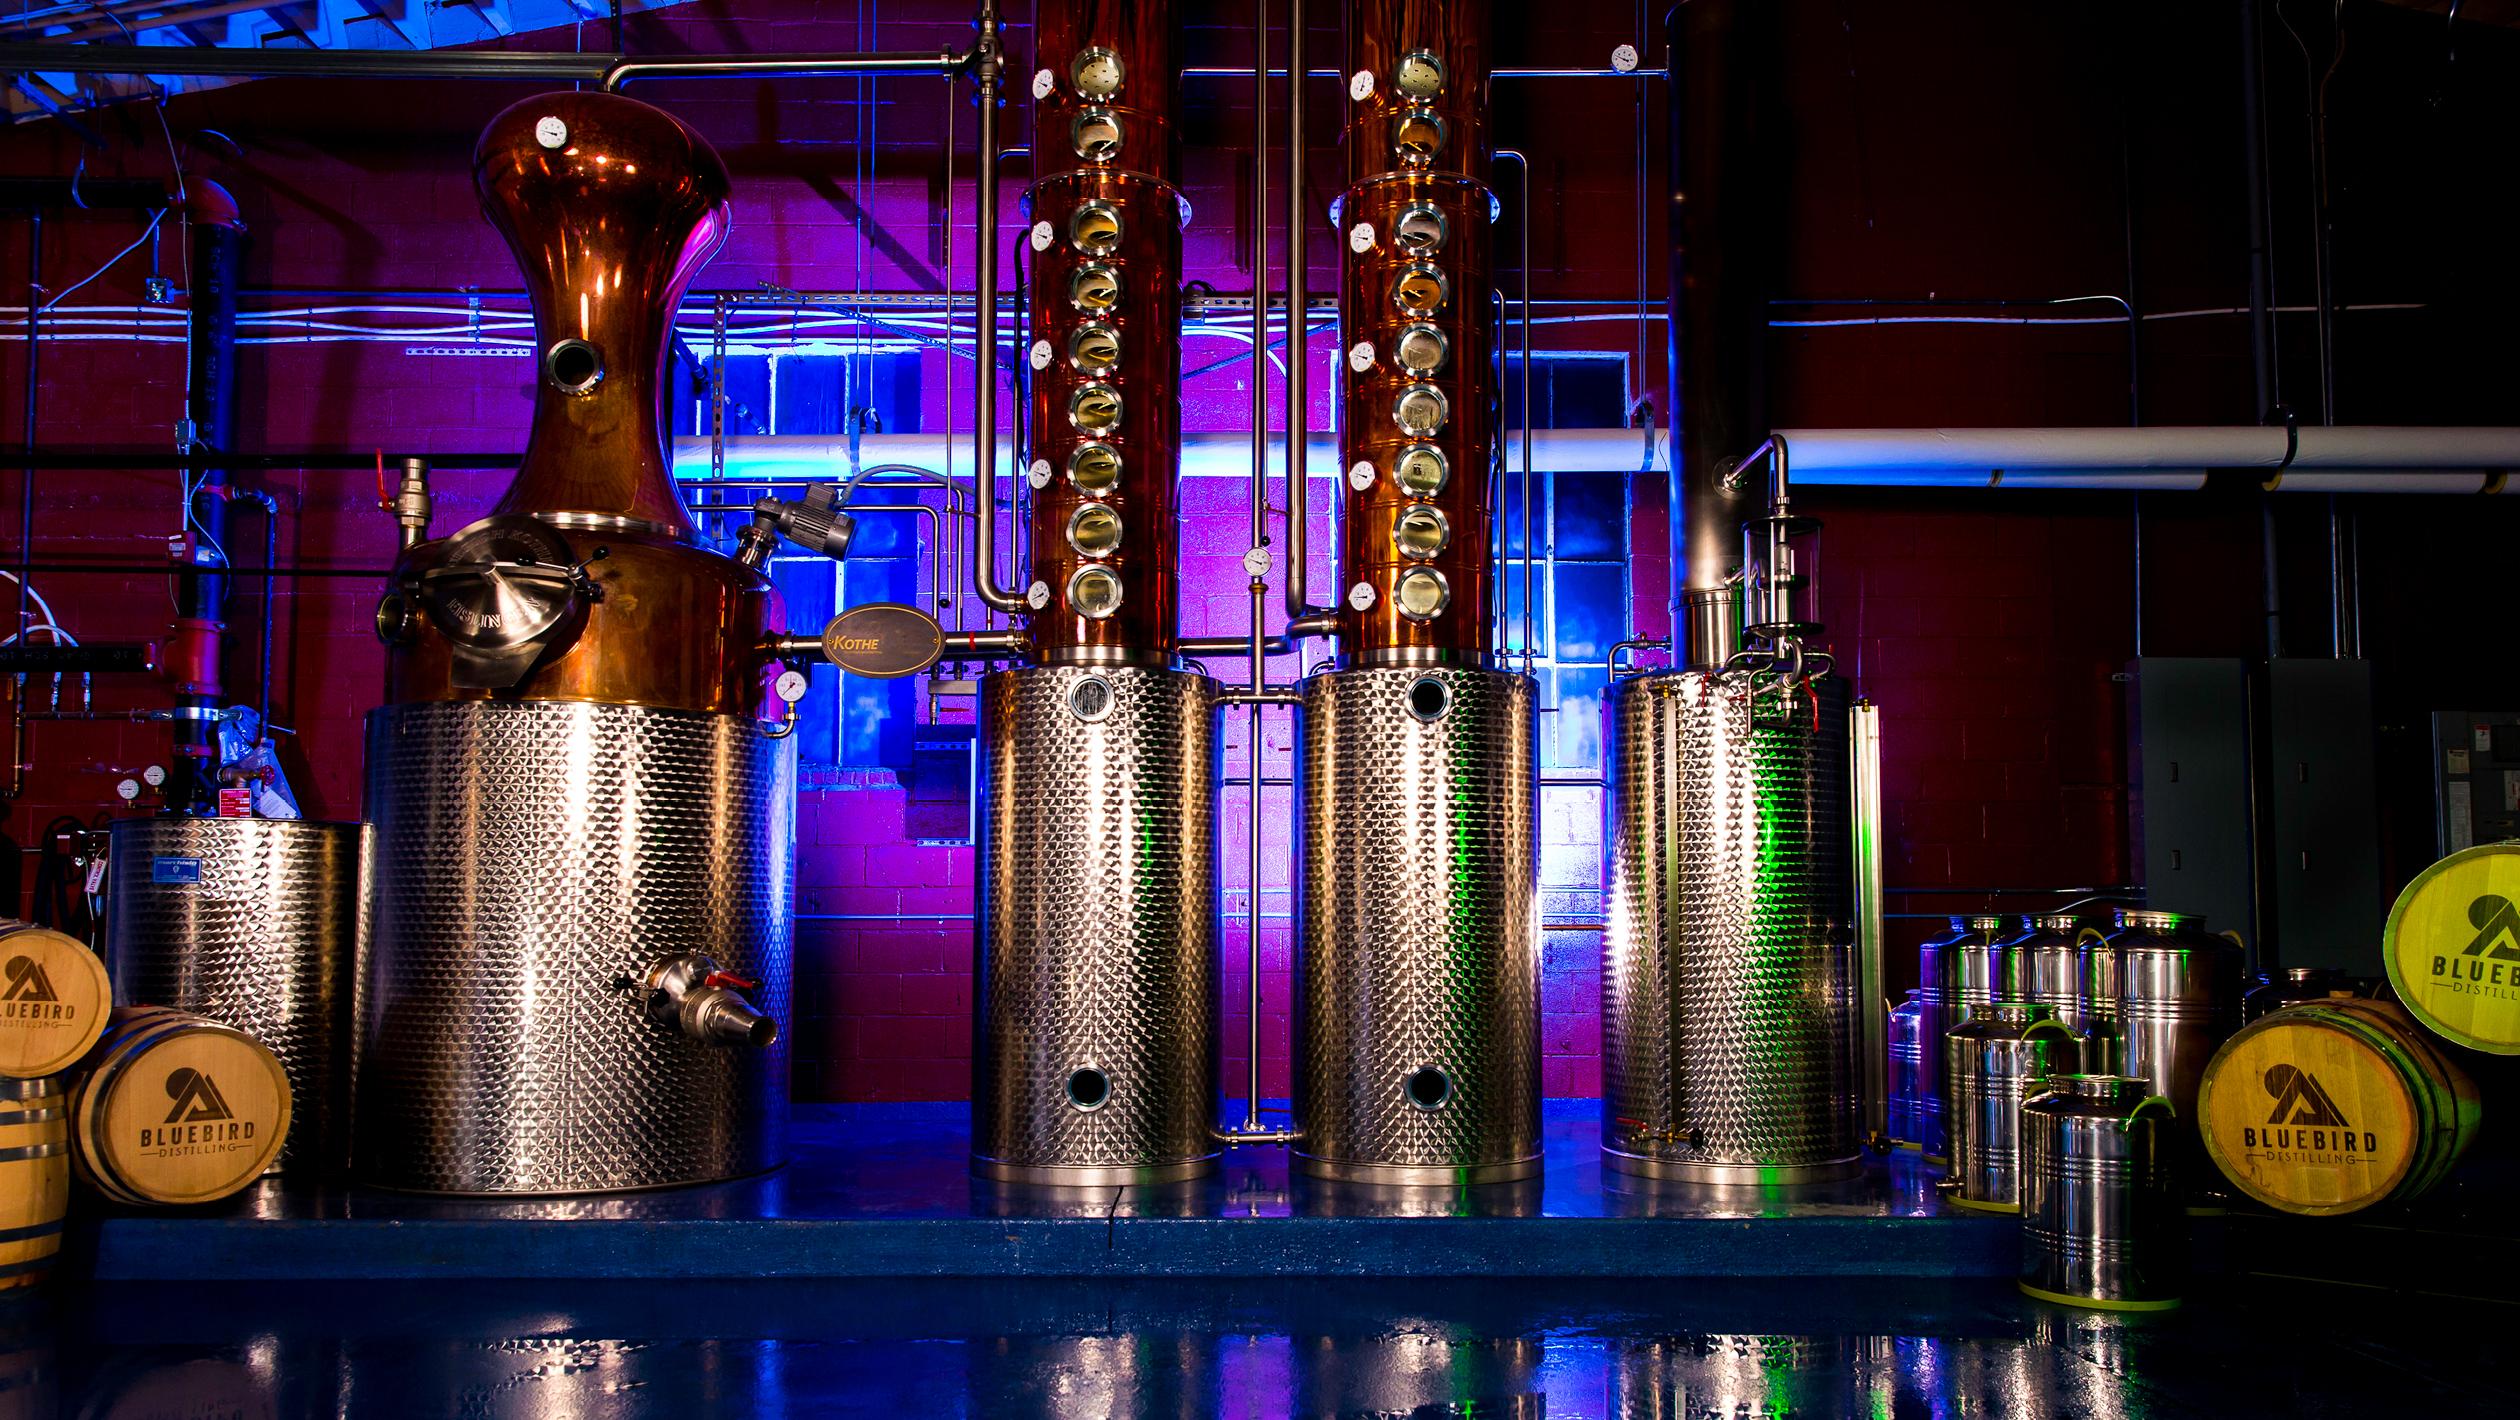 Bluebird Distilling interior